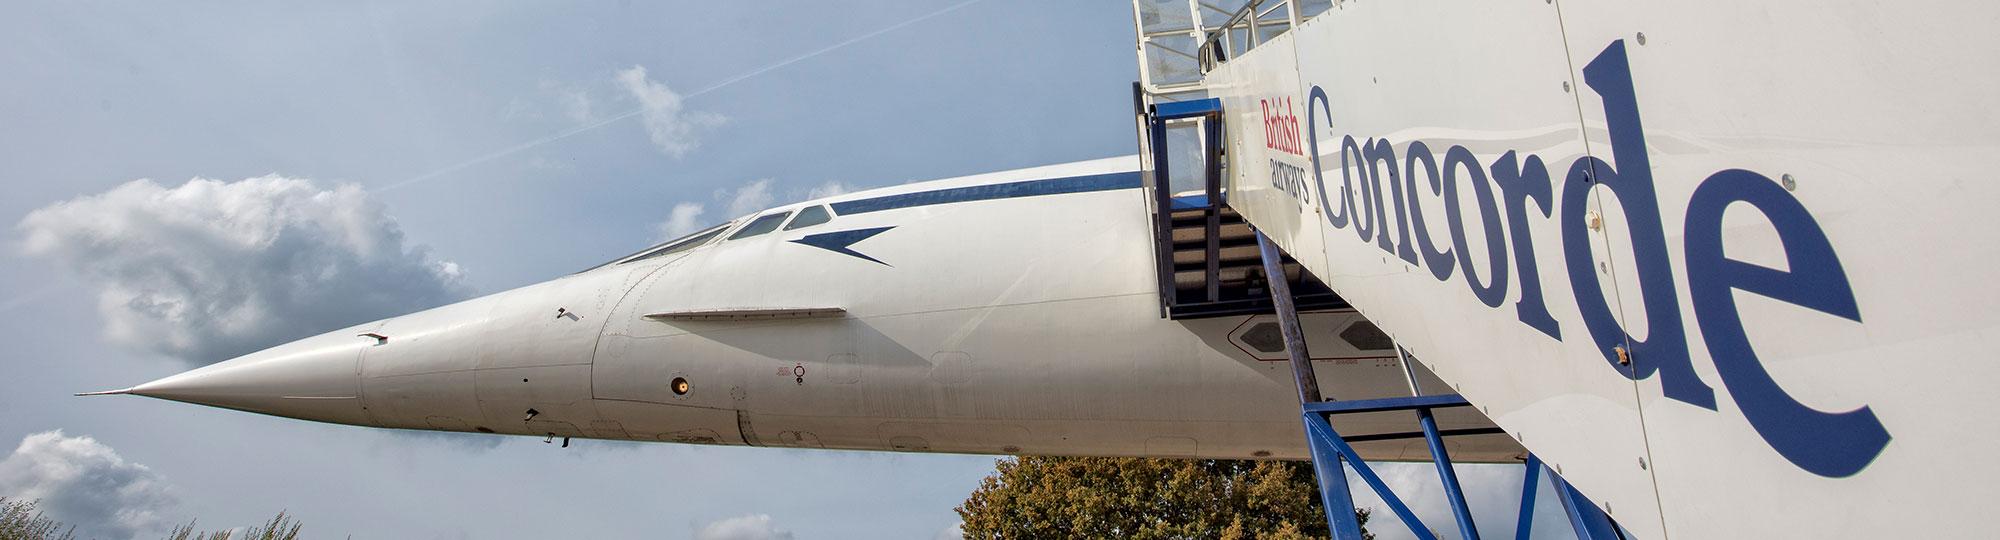 Concorde-nose-header.jpg